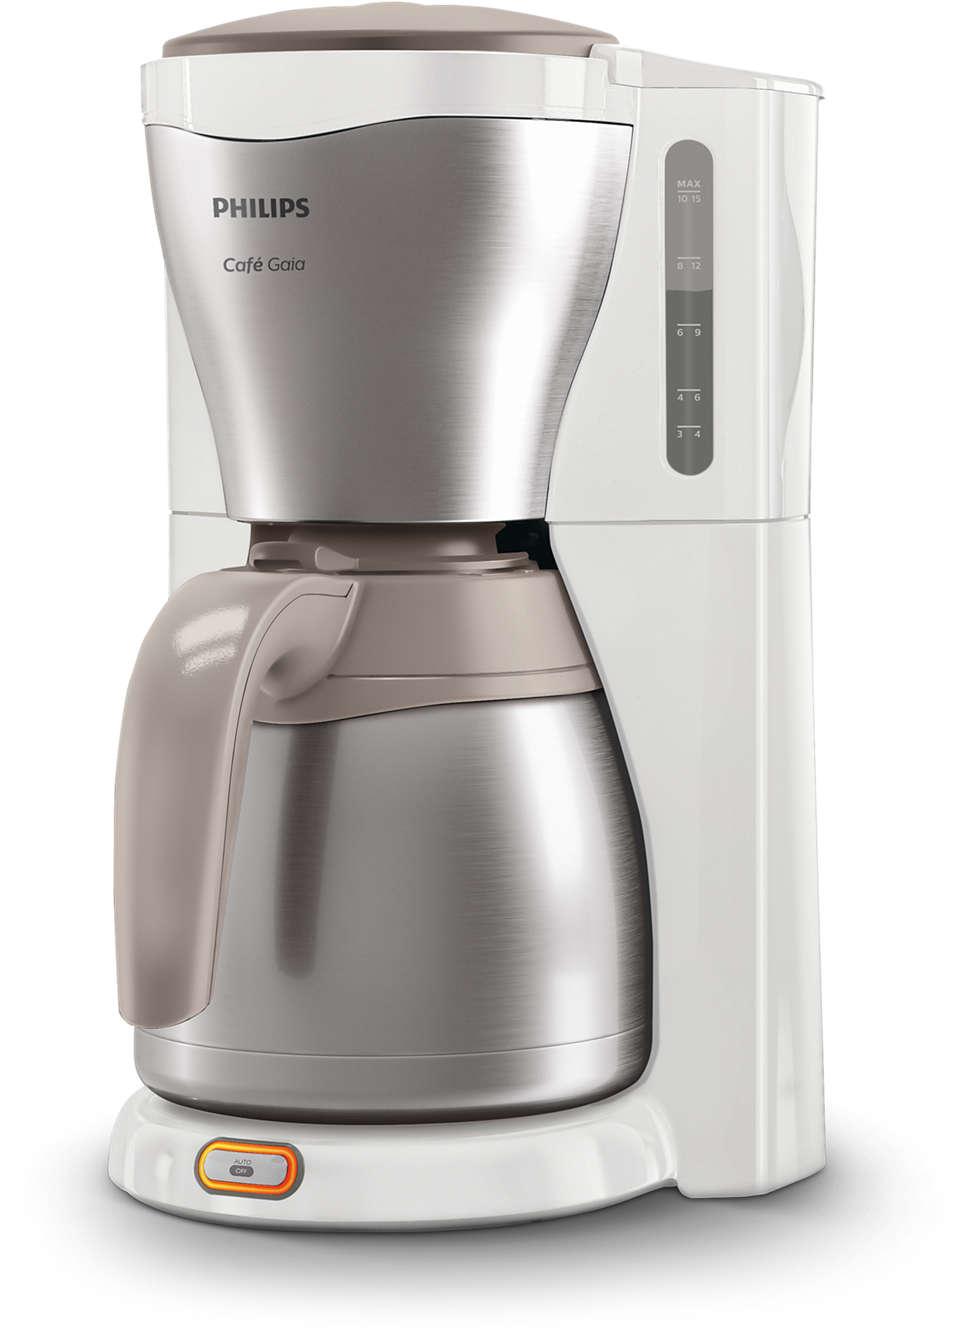 Heerlijke, hete koffie uit ons iconische design